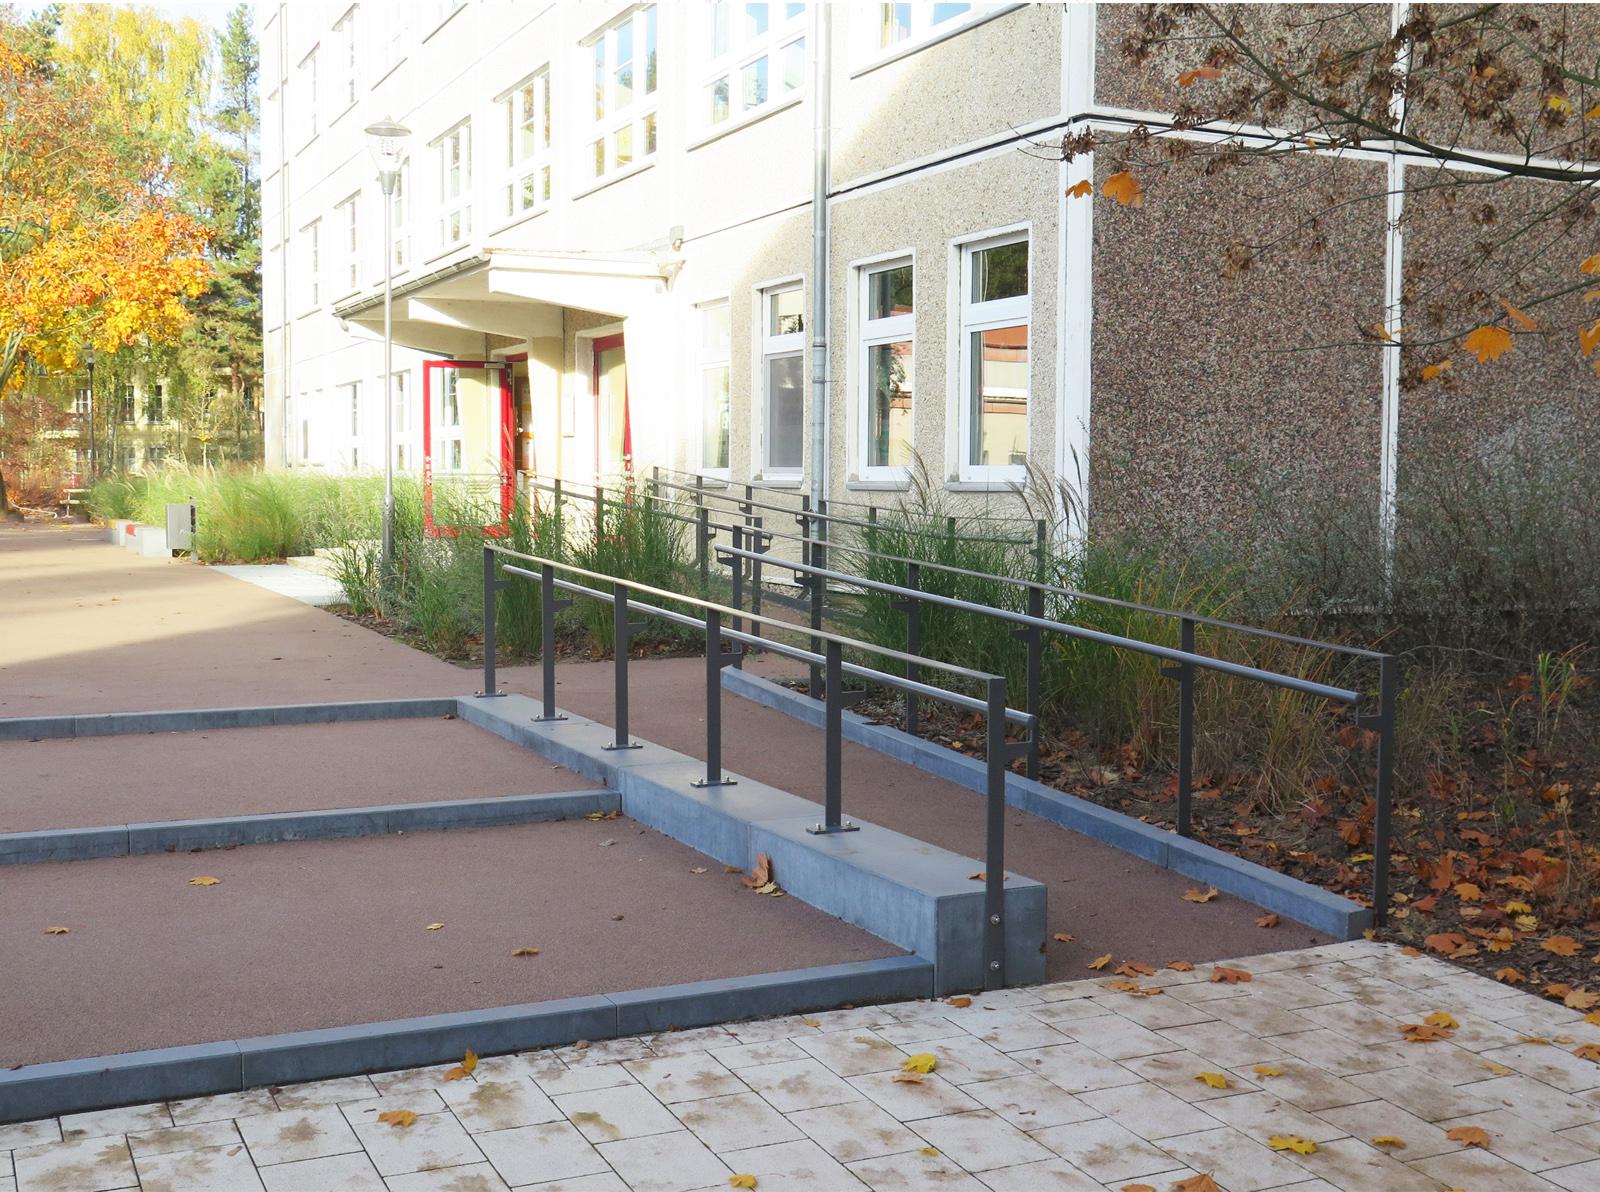 albert-armbruster-aussenanlagen-freianlagen-barriererfreiheit-borgsdorf-schule-sportkomplex-planung-hohgen-neuendorf